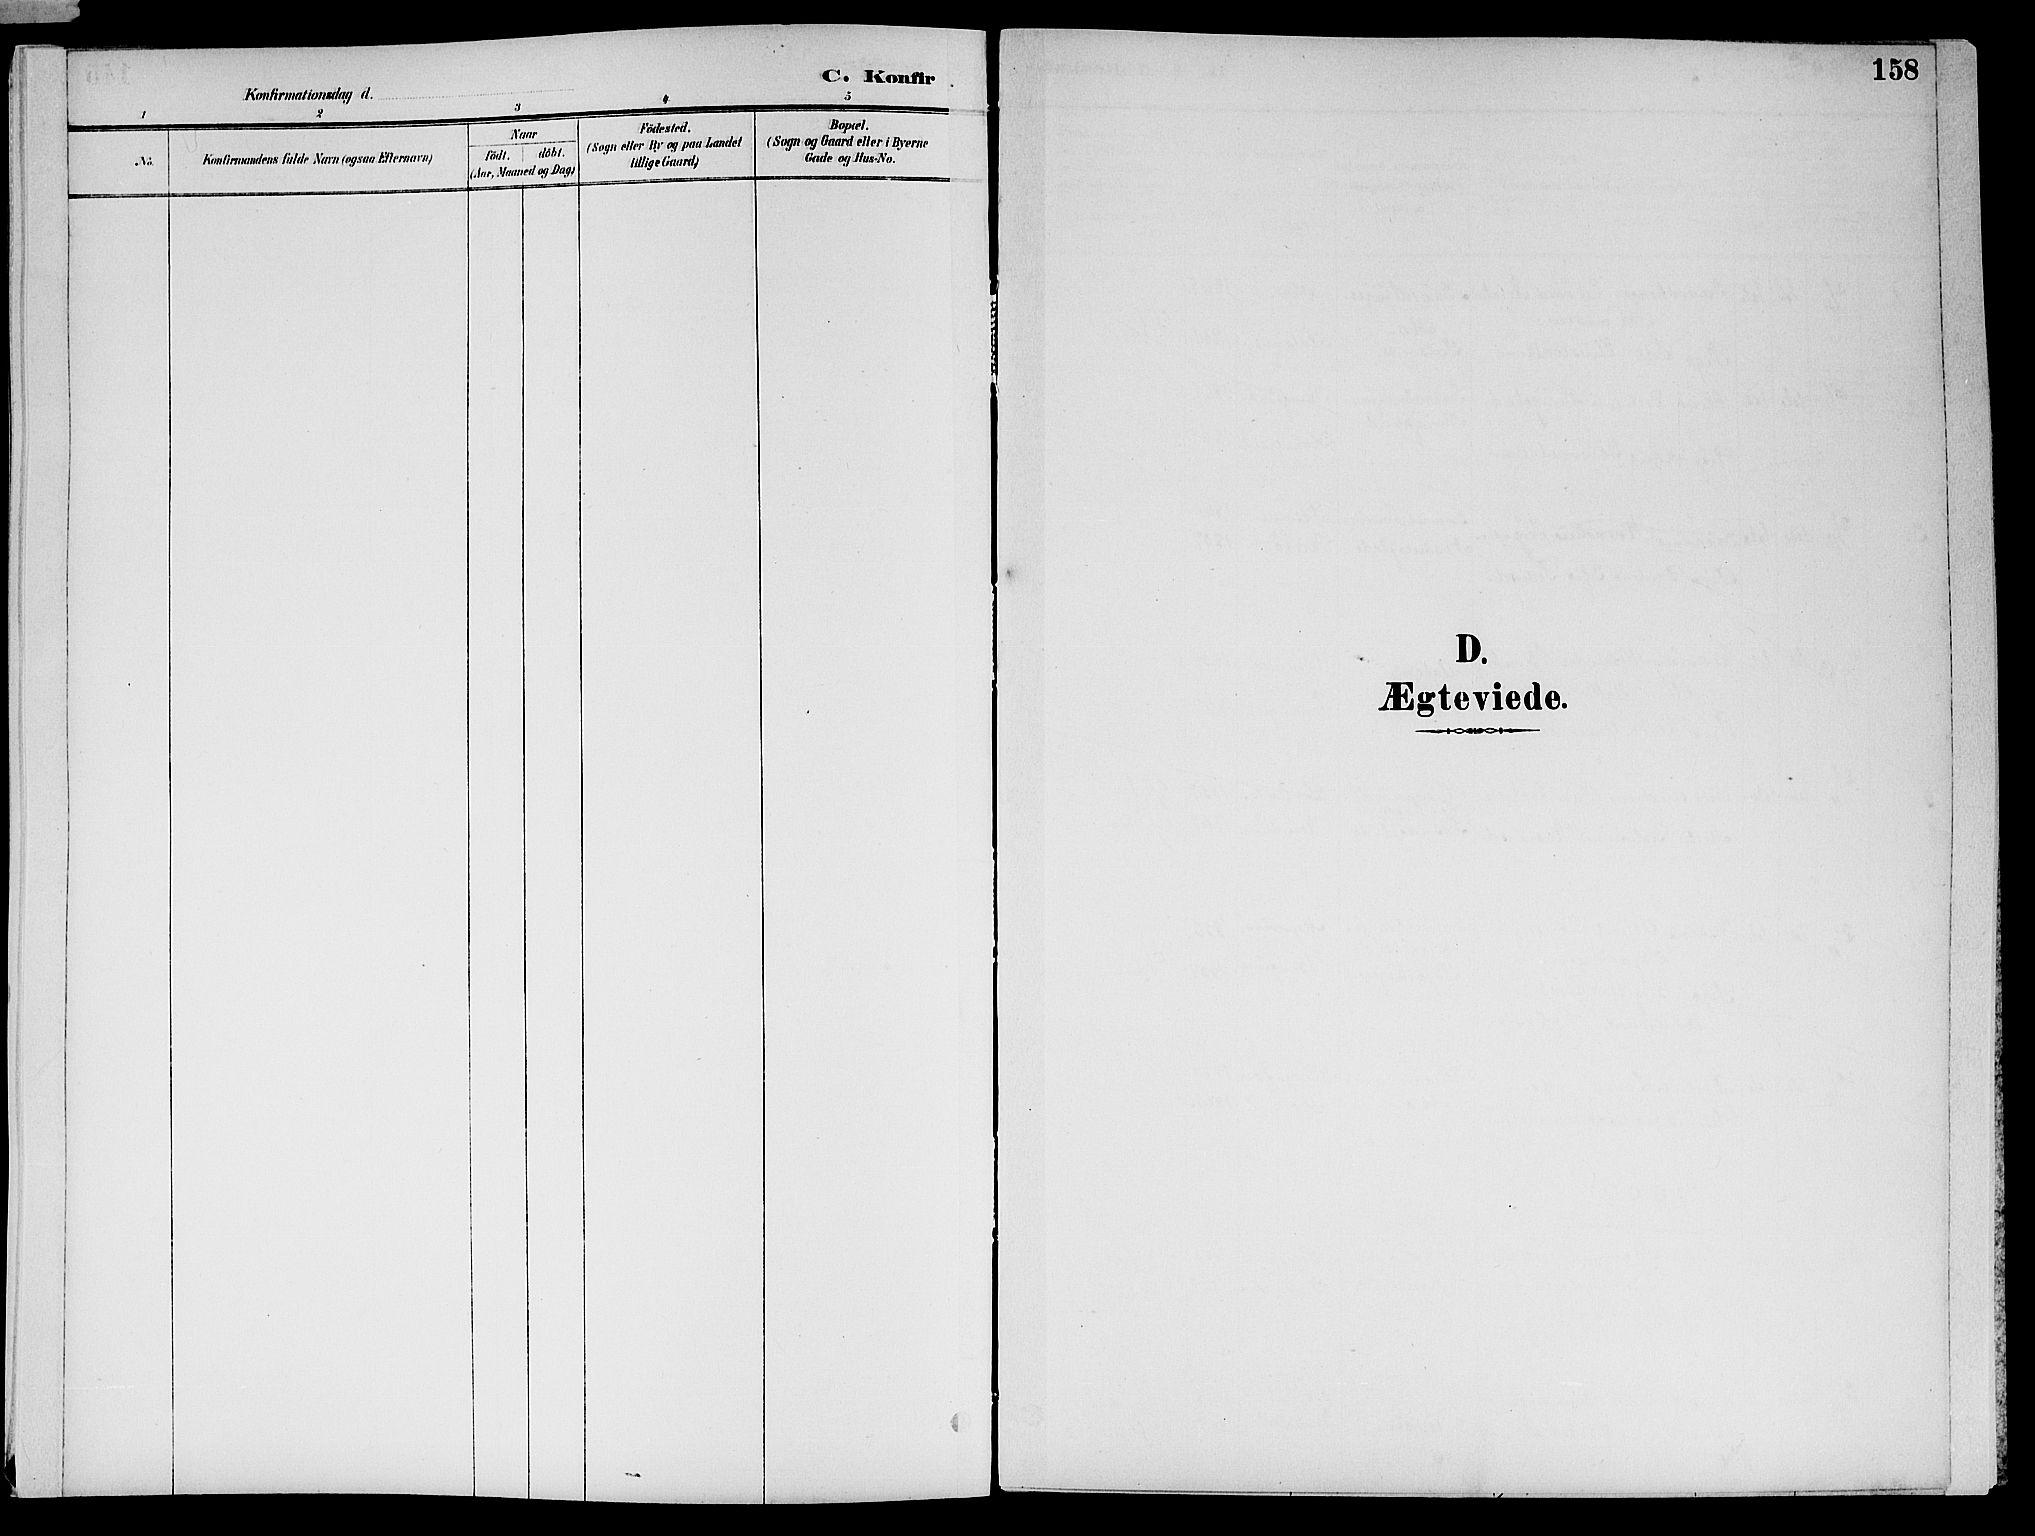 SAT, Ministerialprotokoller, klokkerbøker og fødselsregistre - Nord-Trøndelag, 773/L0617: Ministerialbok nr. 773A08, 1887-1910, s. 158